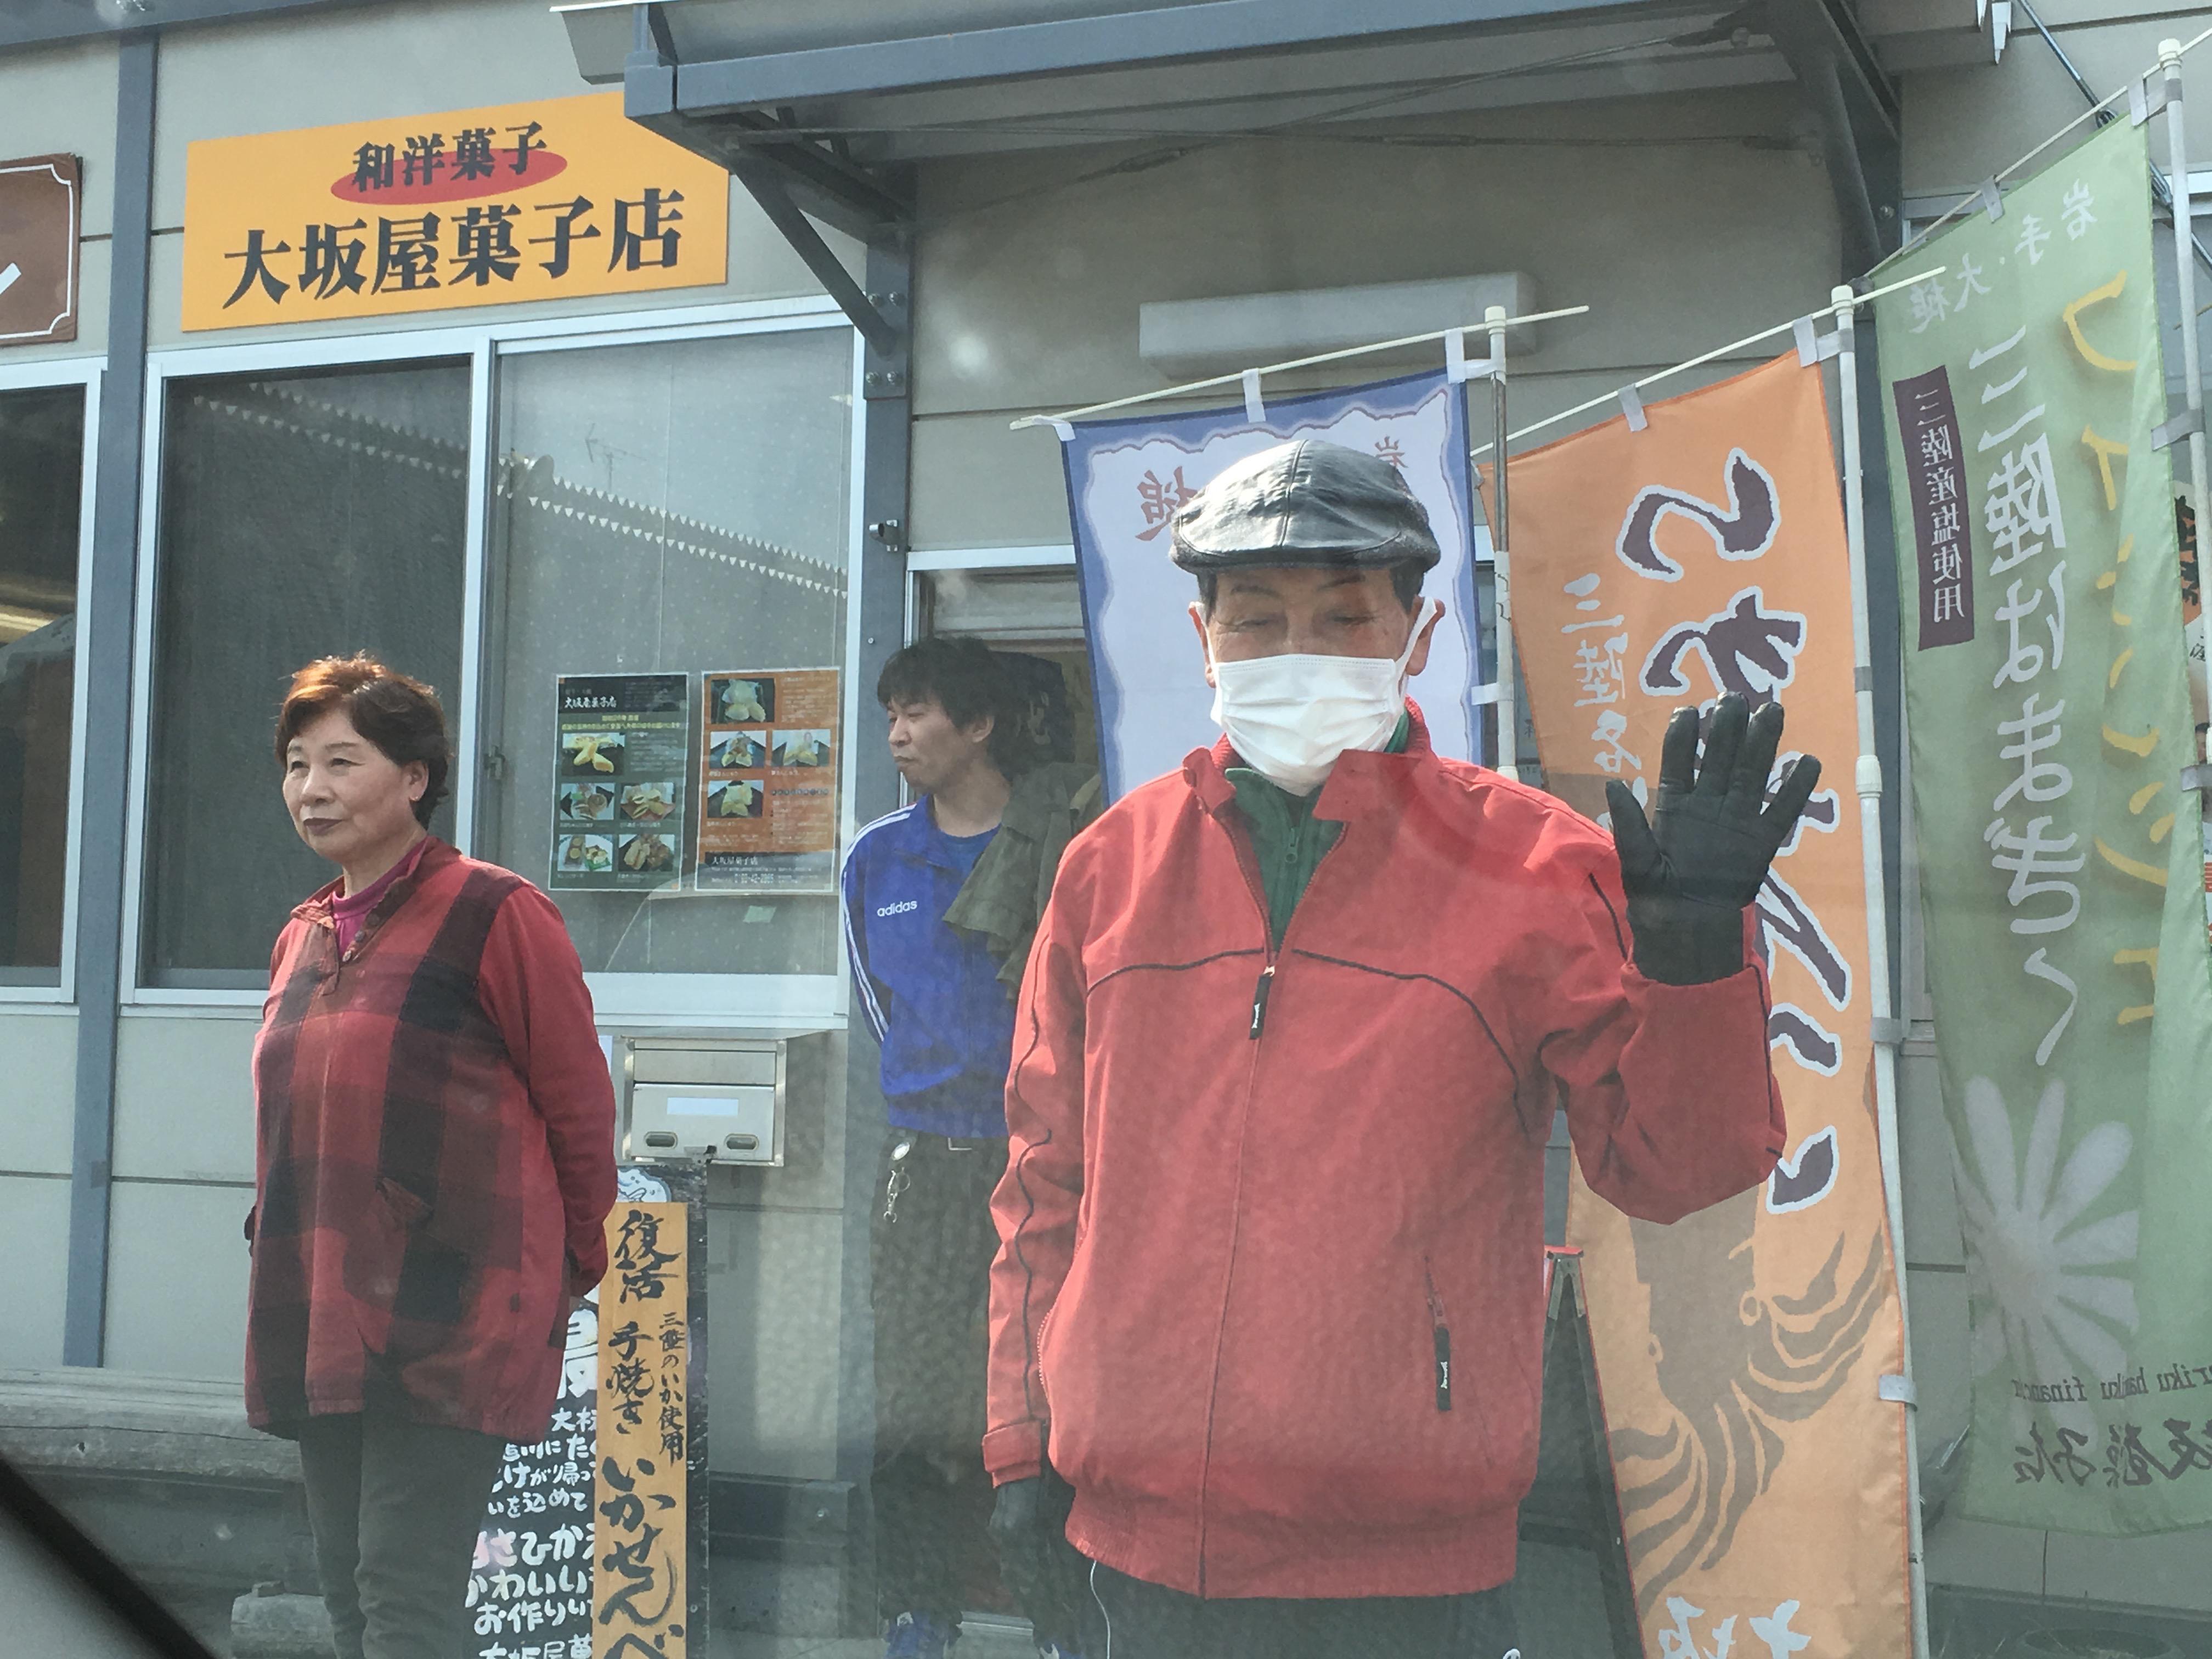 otsuchi 2016 masao osaka ya temp bakery.jpg